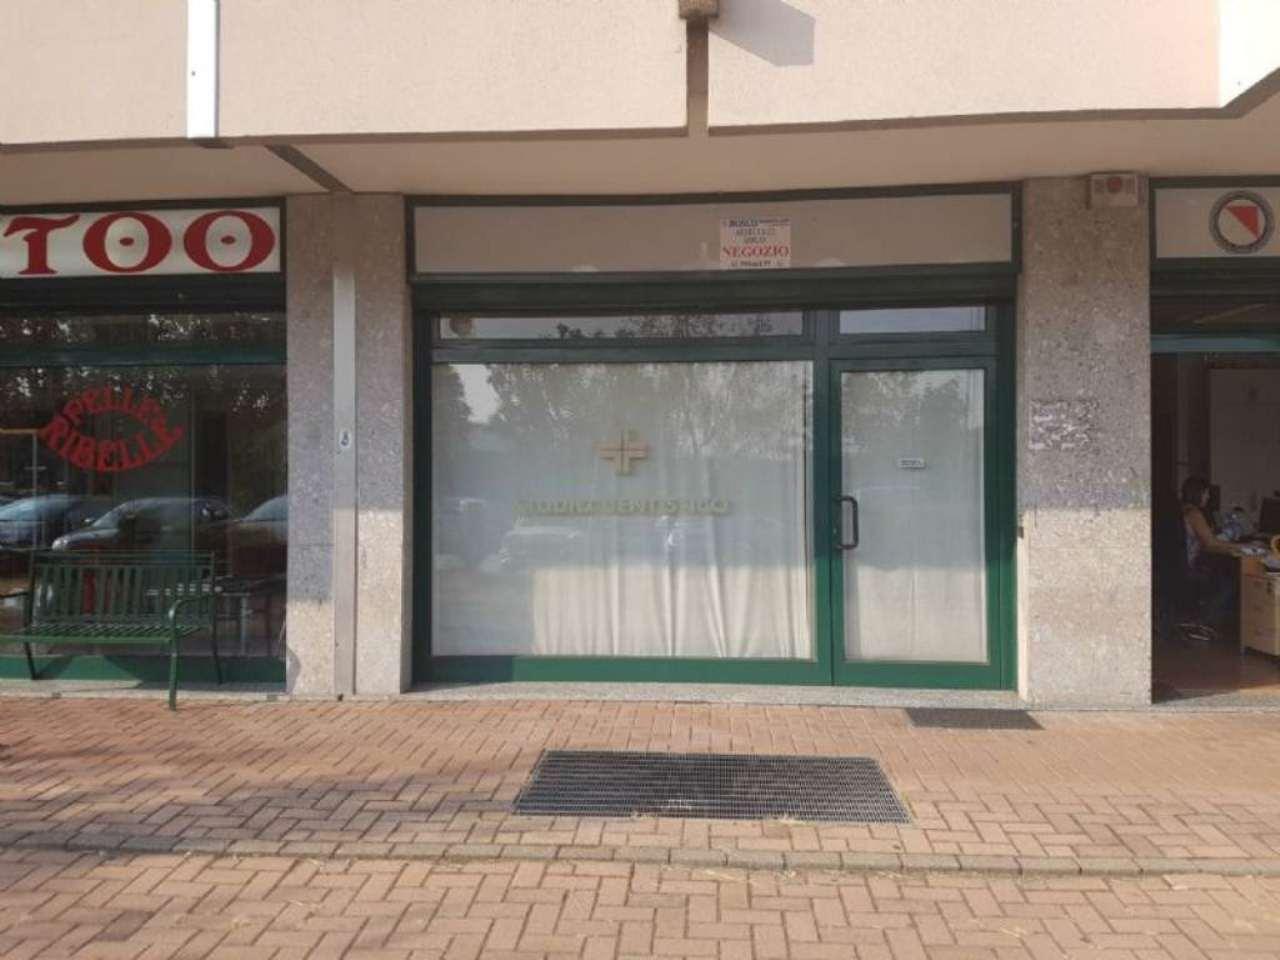 Negozio / Locale in affitto a Peschiera Borromeo, 9999 locali, prezzo € 750 | Cambio Casa.it